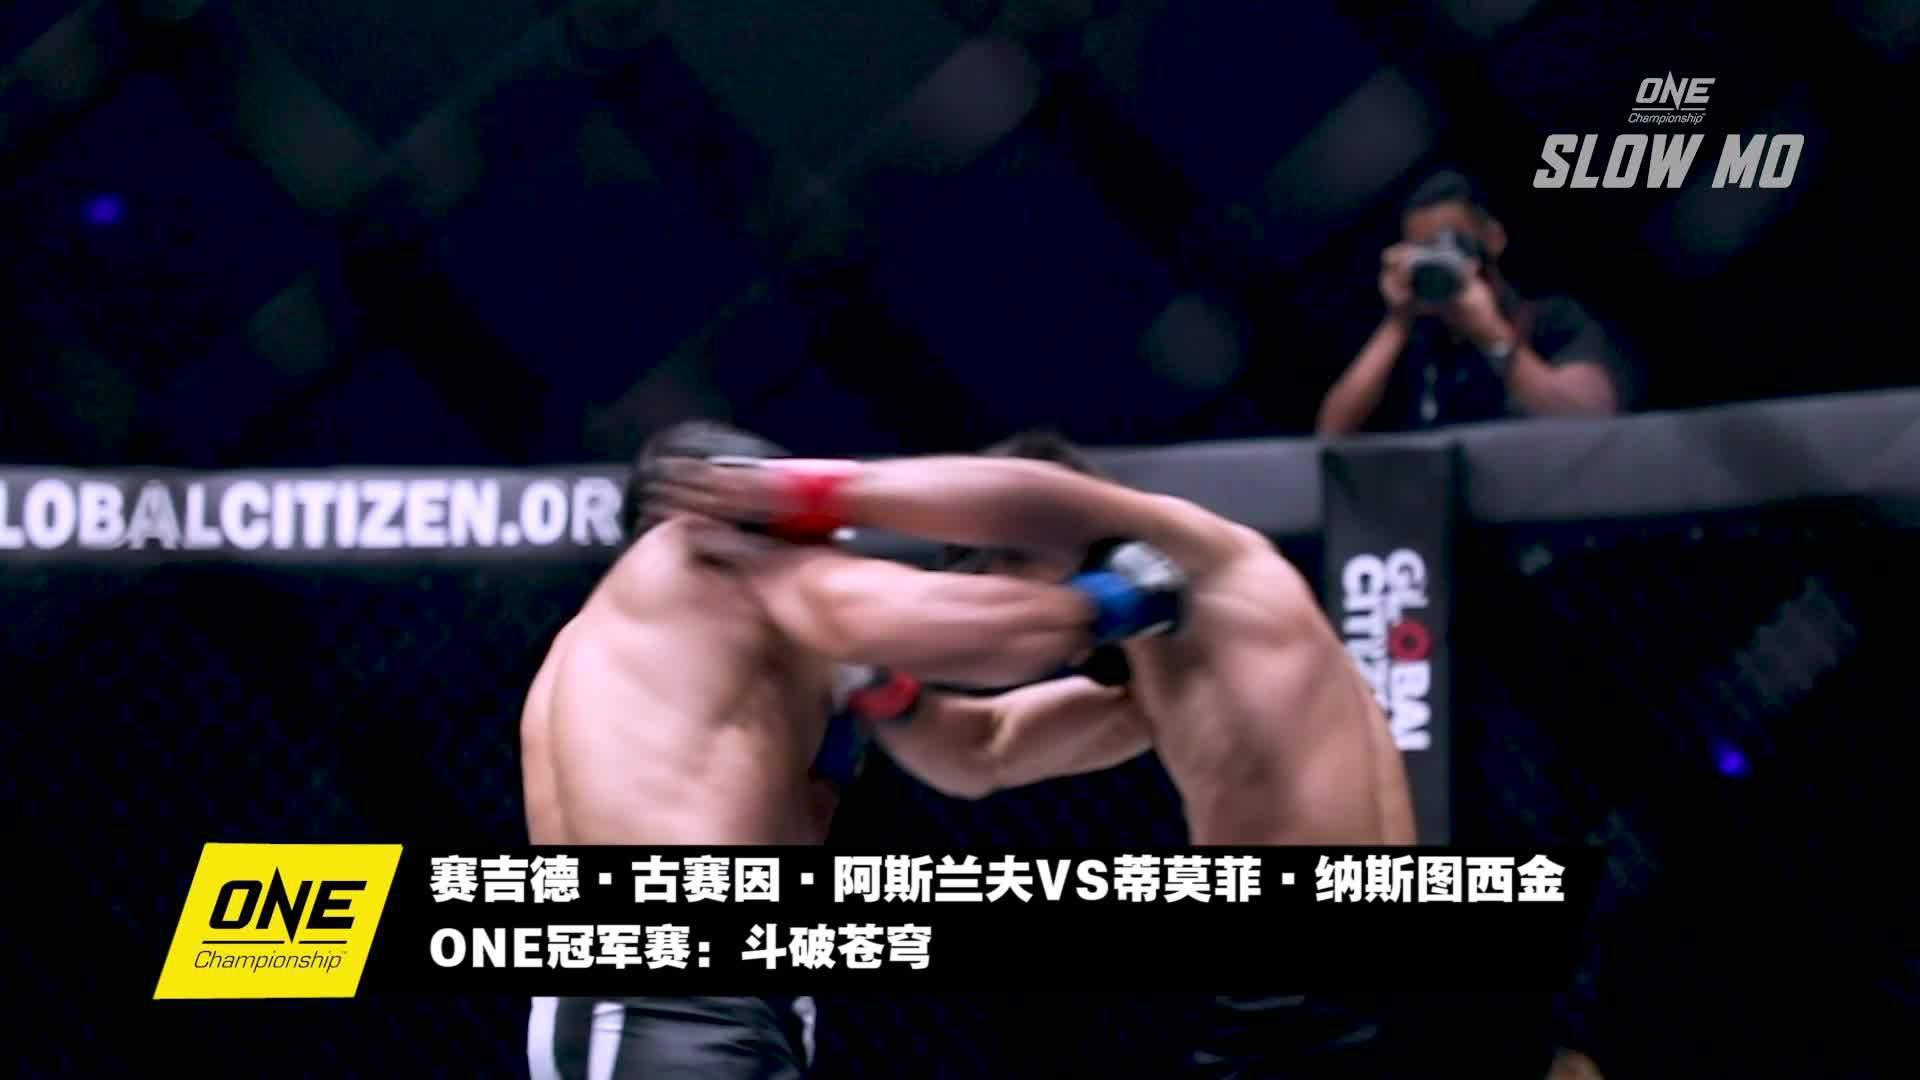 """慢动作回放:看""""达吉""""阿斯兰夫首回合连续砸拳TKO俄罗斯老将纳斯图西金!"""